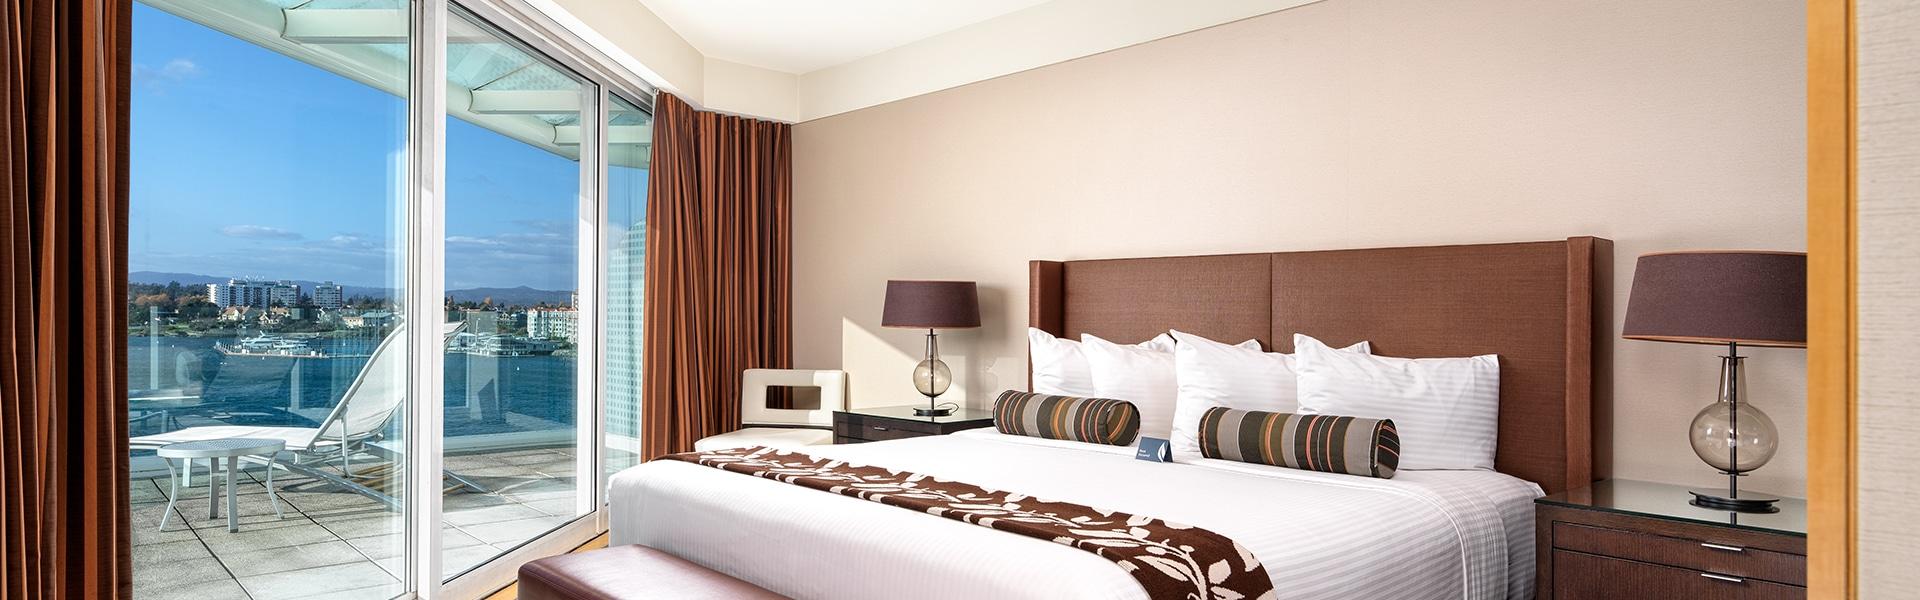 Inn at Laurel Point Victoria Terrace Bedroom Suite Bedroom